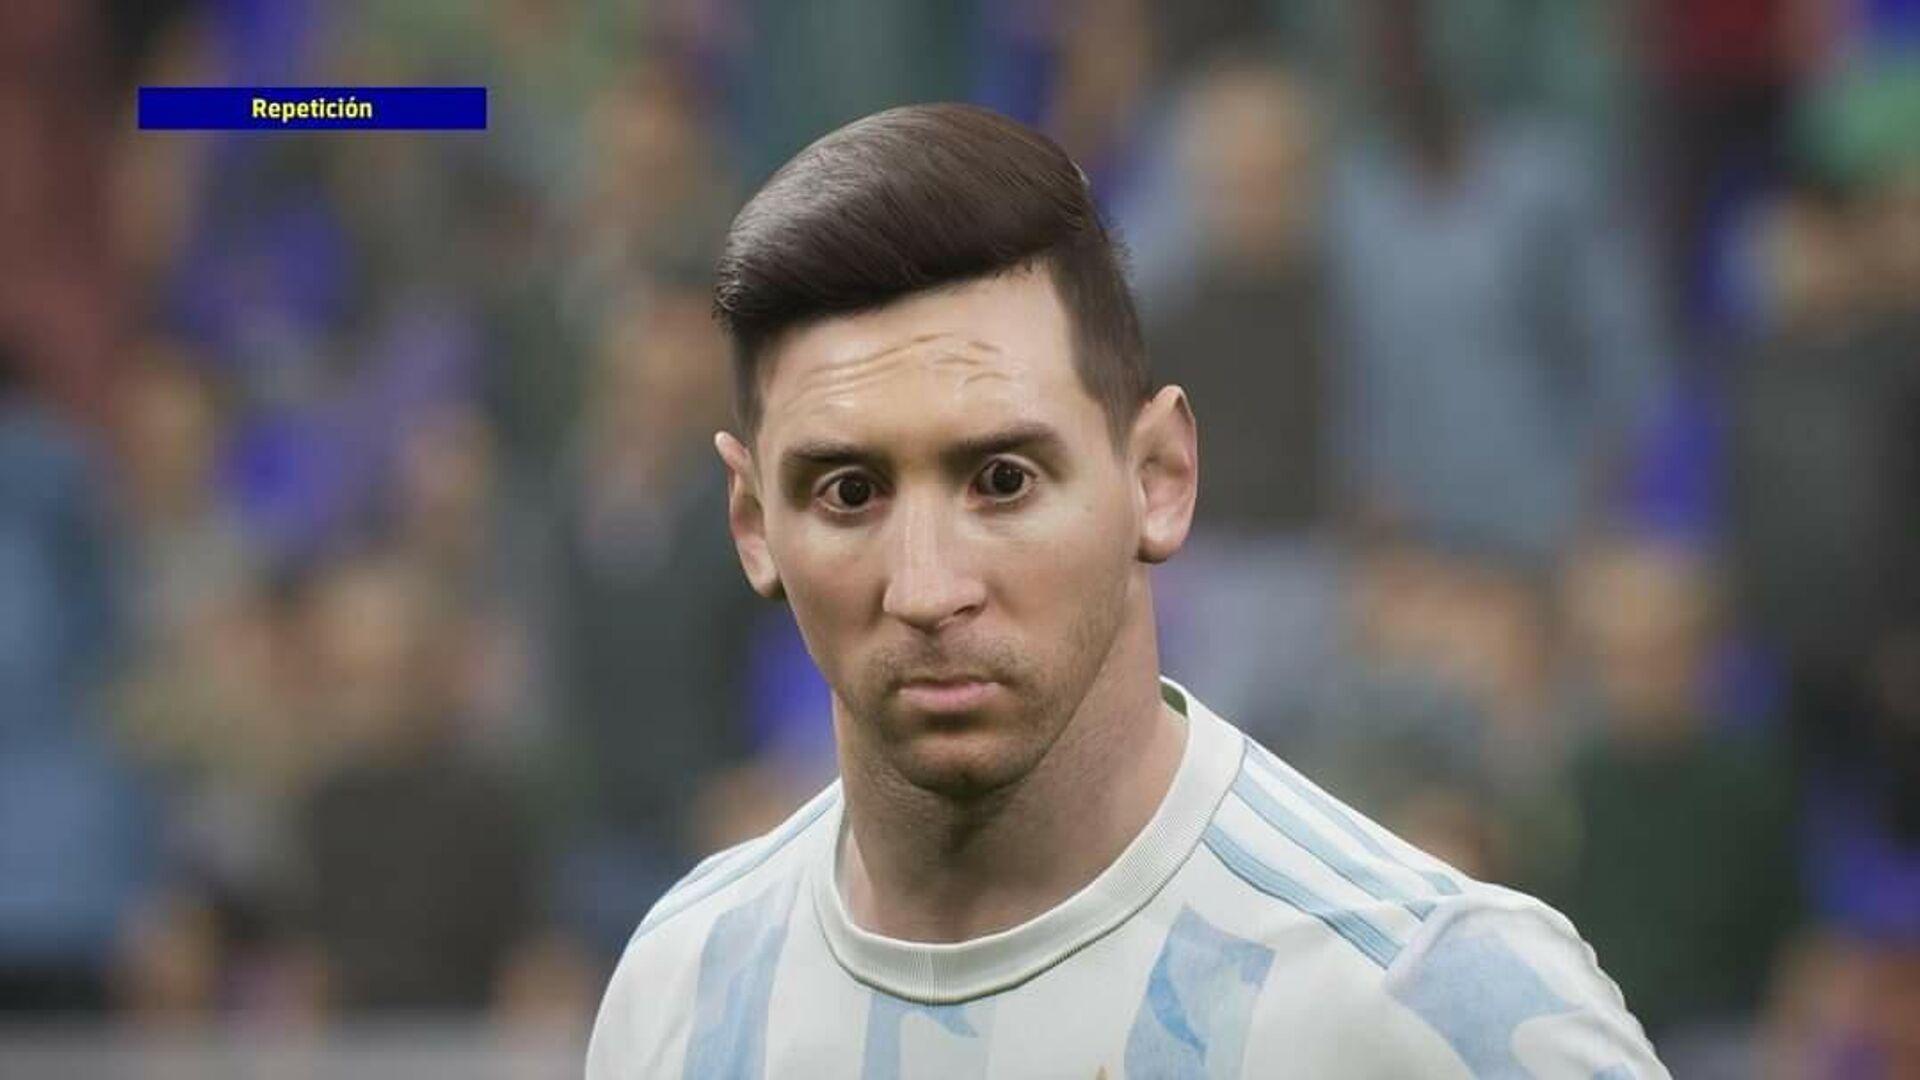 El rostro de Lionel Messi en el videojuego 'eFootball 2022' - Sputnik Mundo, 1920, 01.10.2021